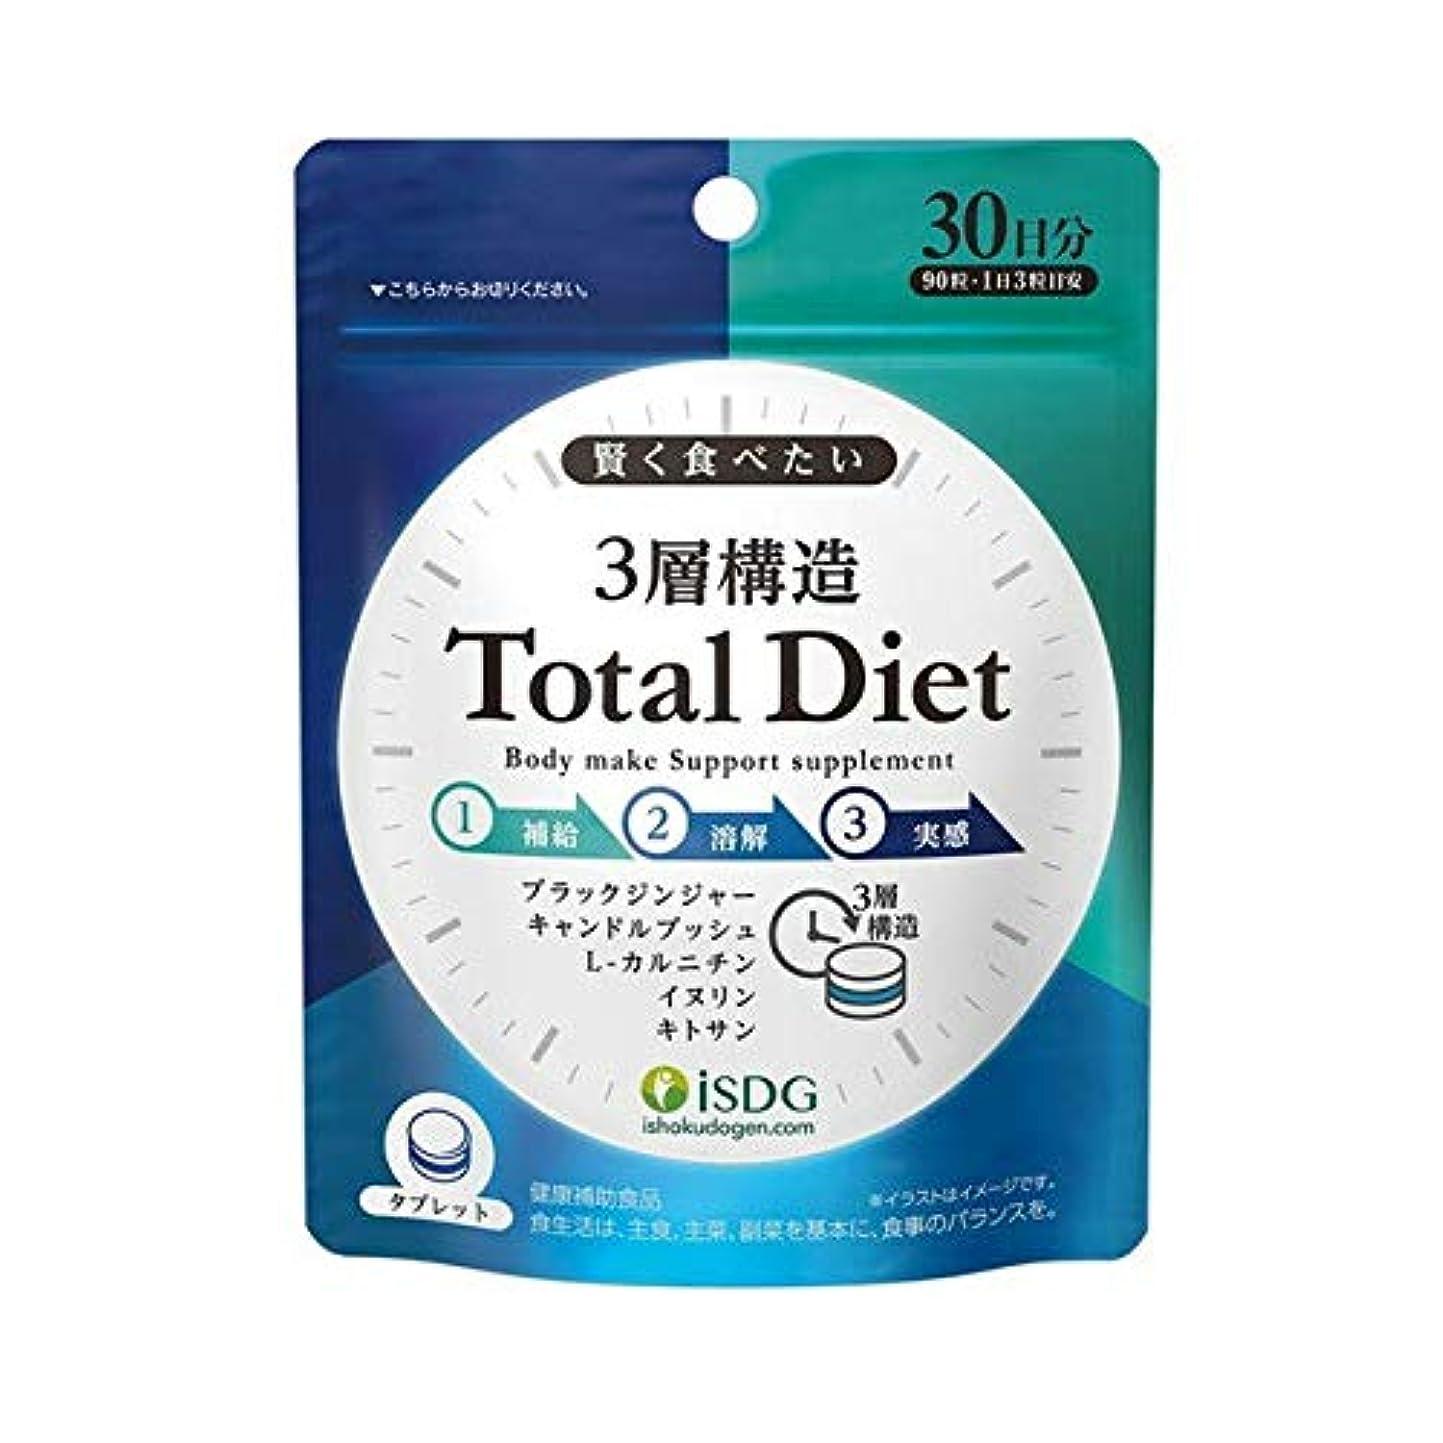 管理します裁判所絶望医食同源ドットコム ISDG 3層構造 Total Diet 90粒入 トータル ダイエット×5個セット